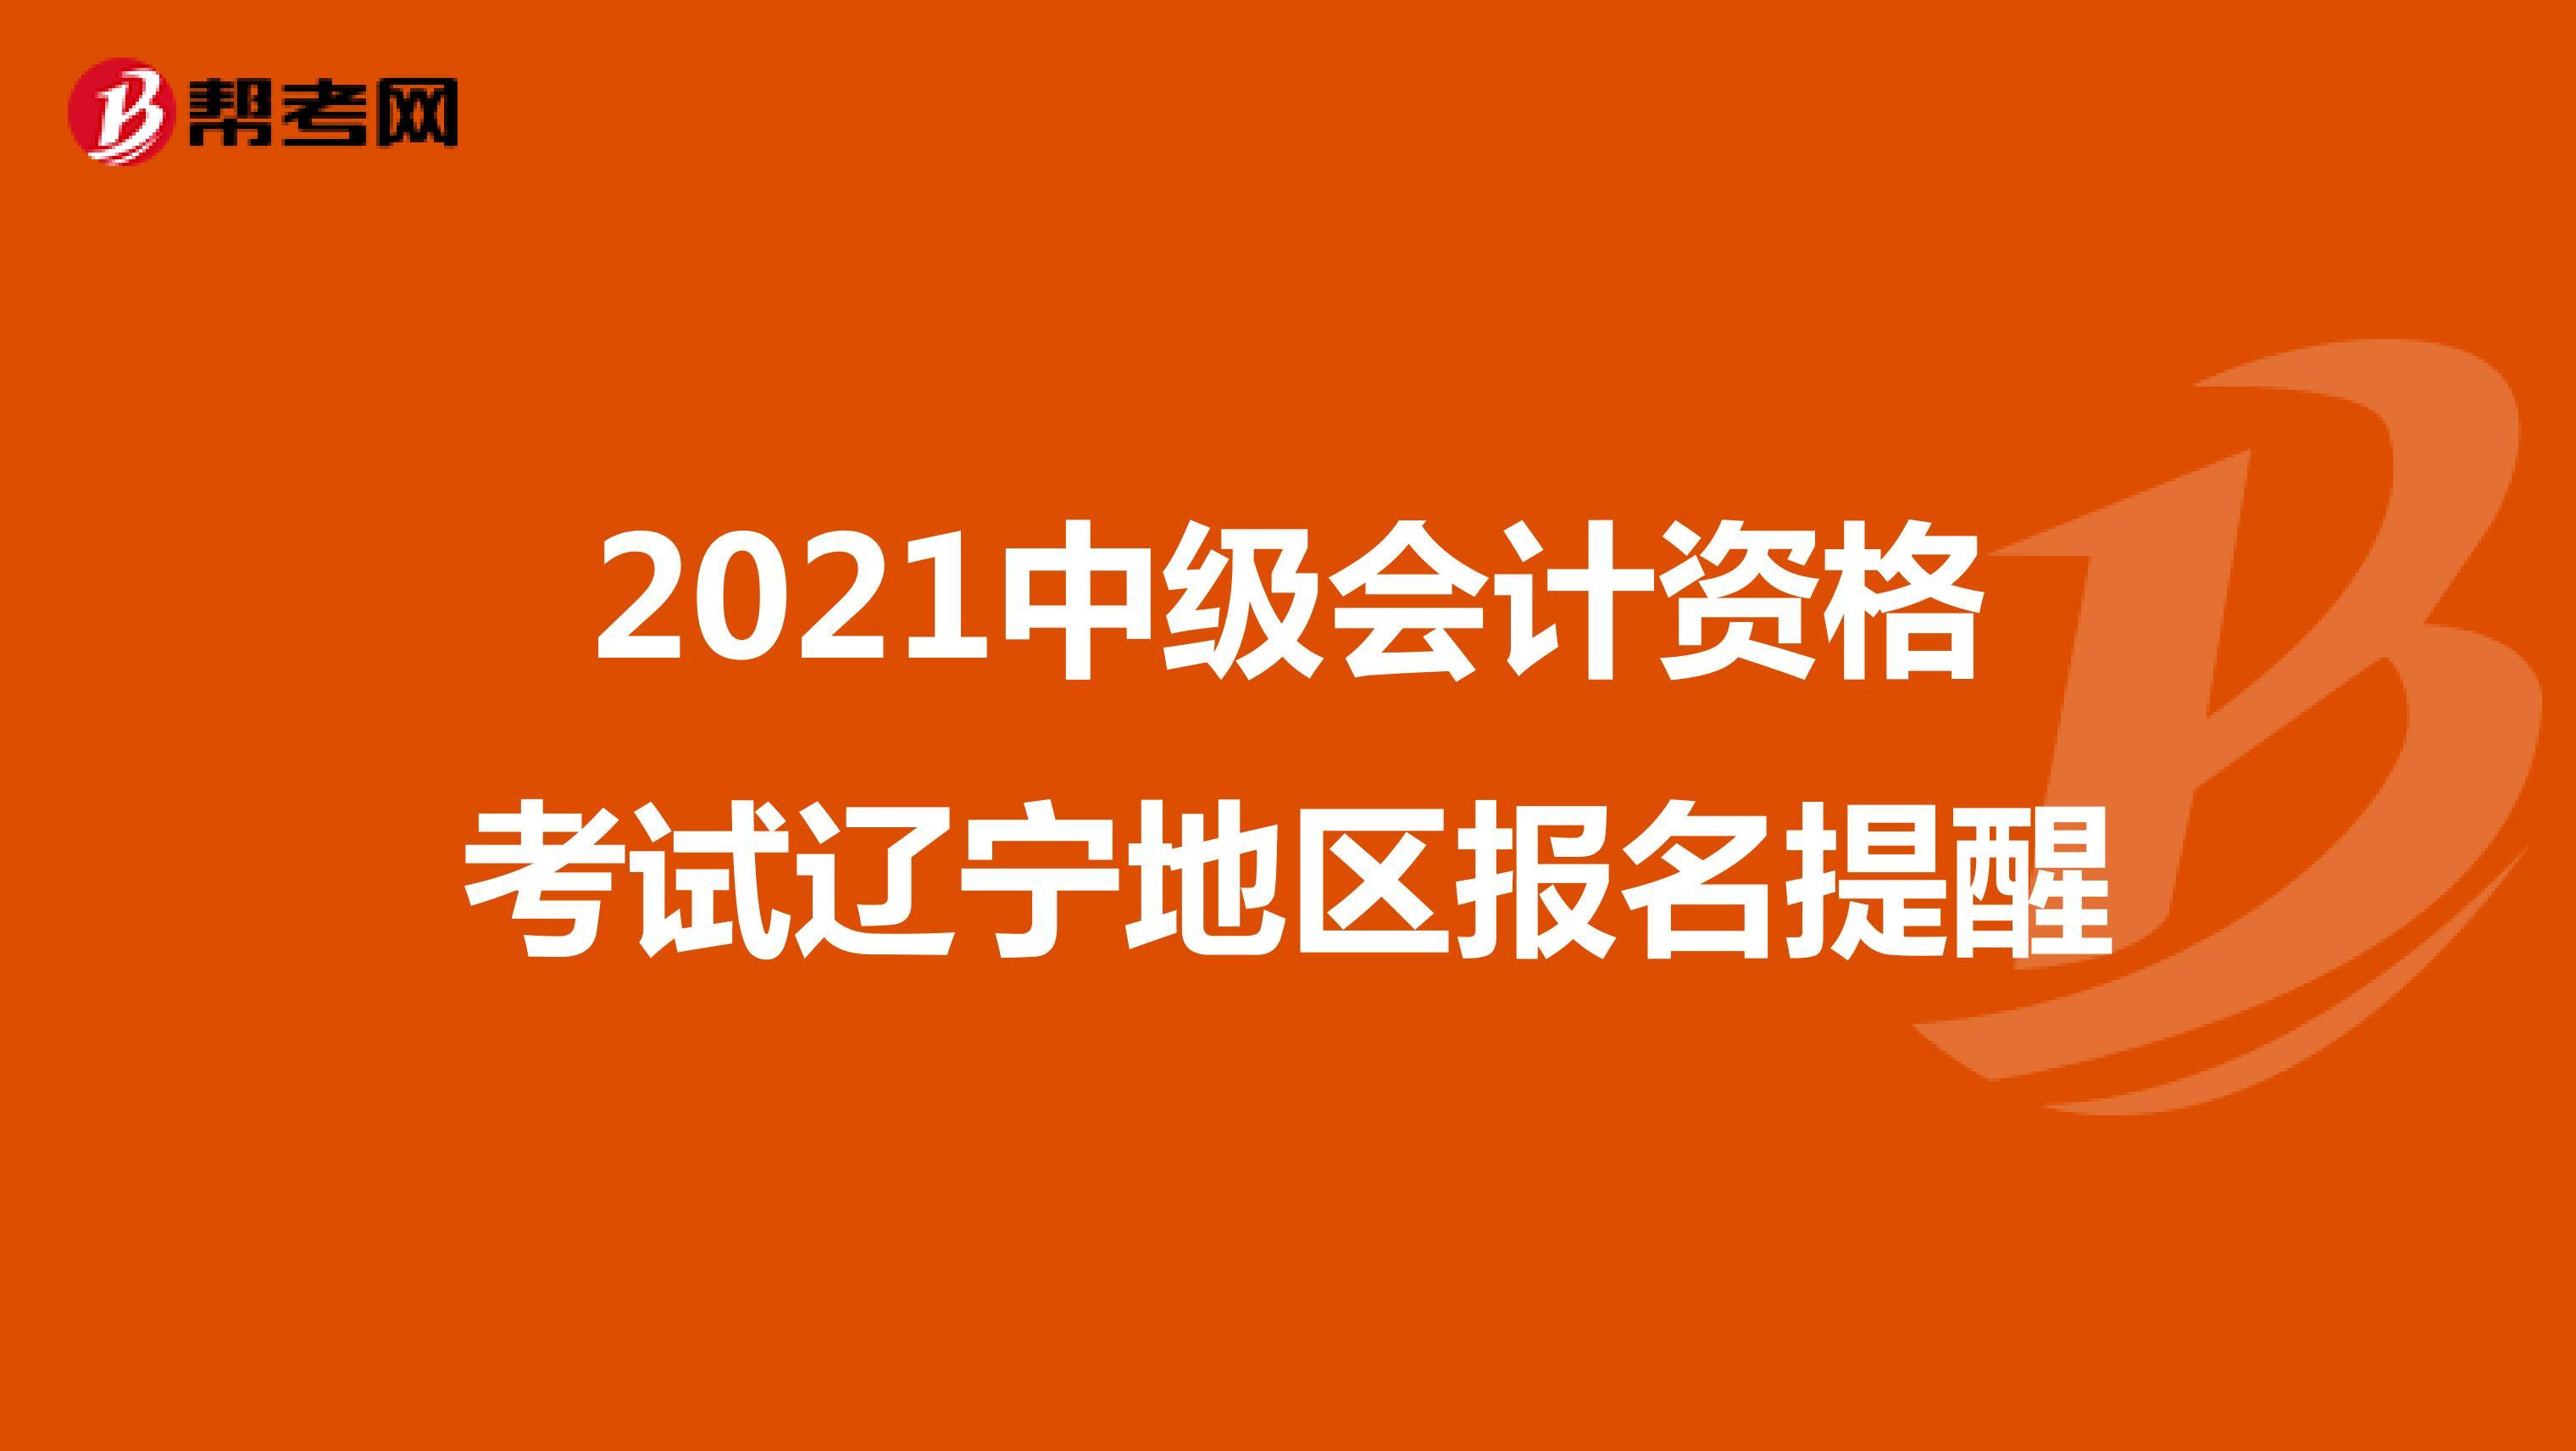 2021年中級會計資格考試遼寧地區報名注意事項